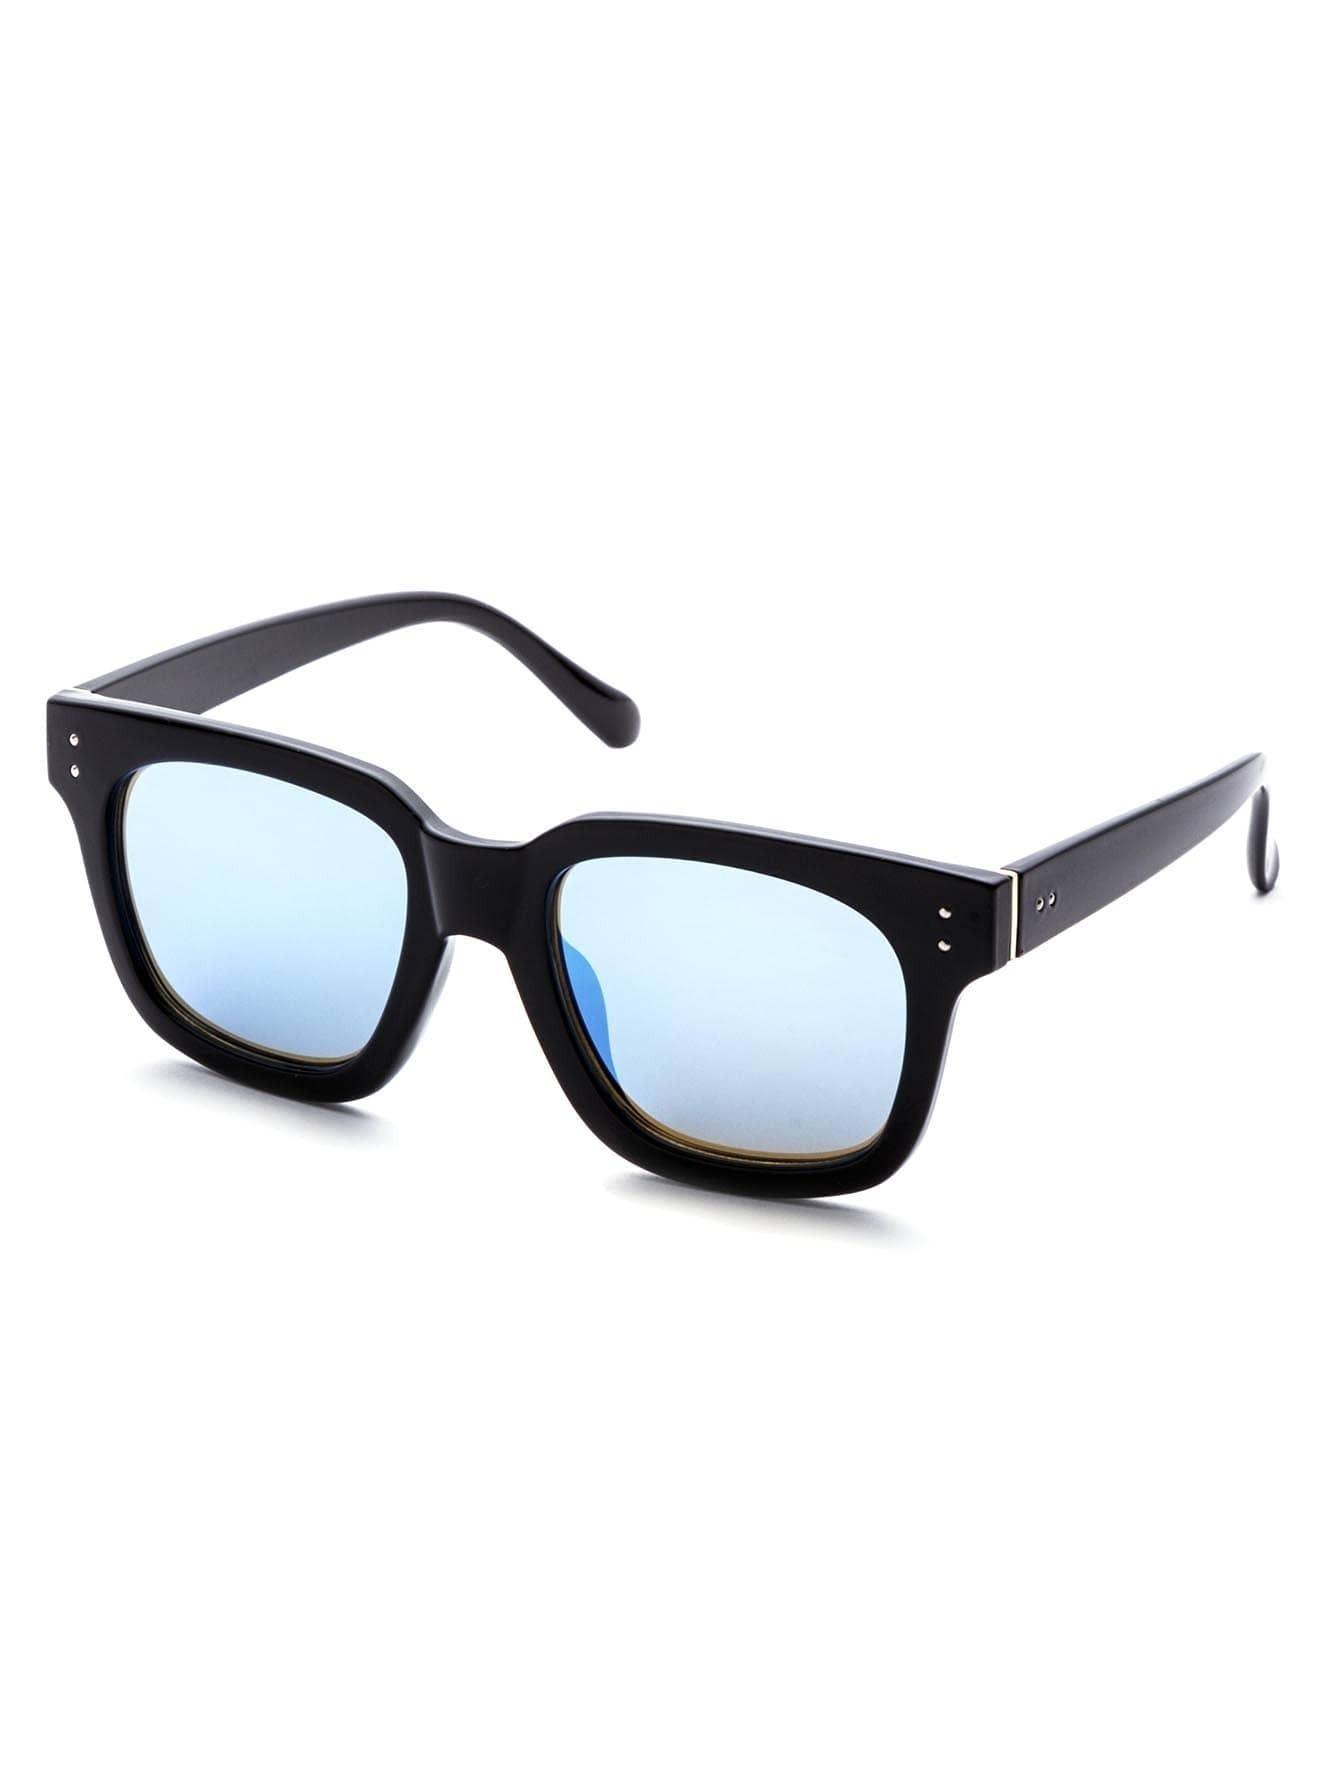 Black Frame Blue Lens Classic Sunglasses sunglass160905312